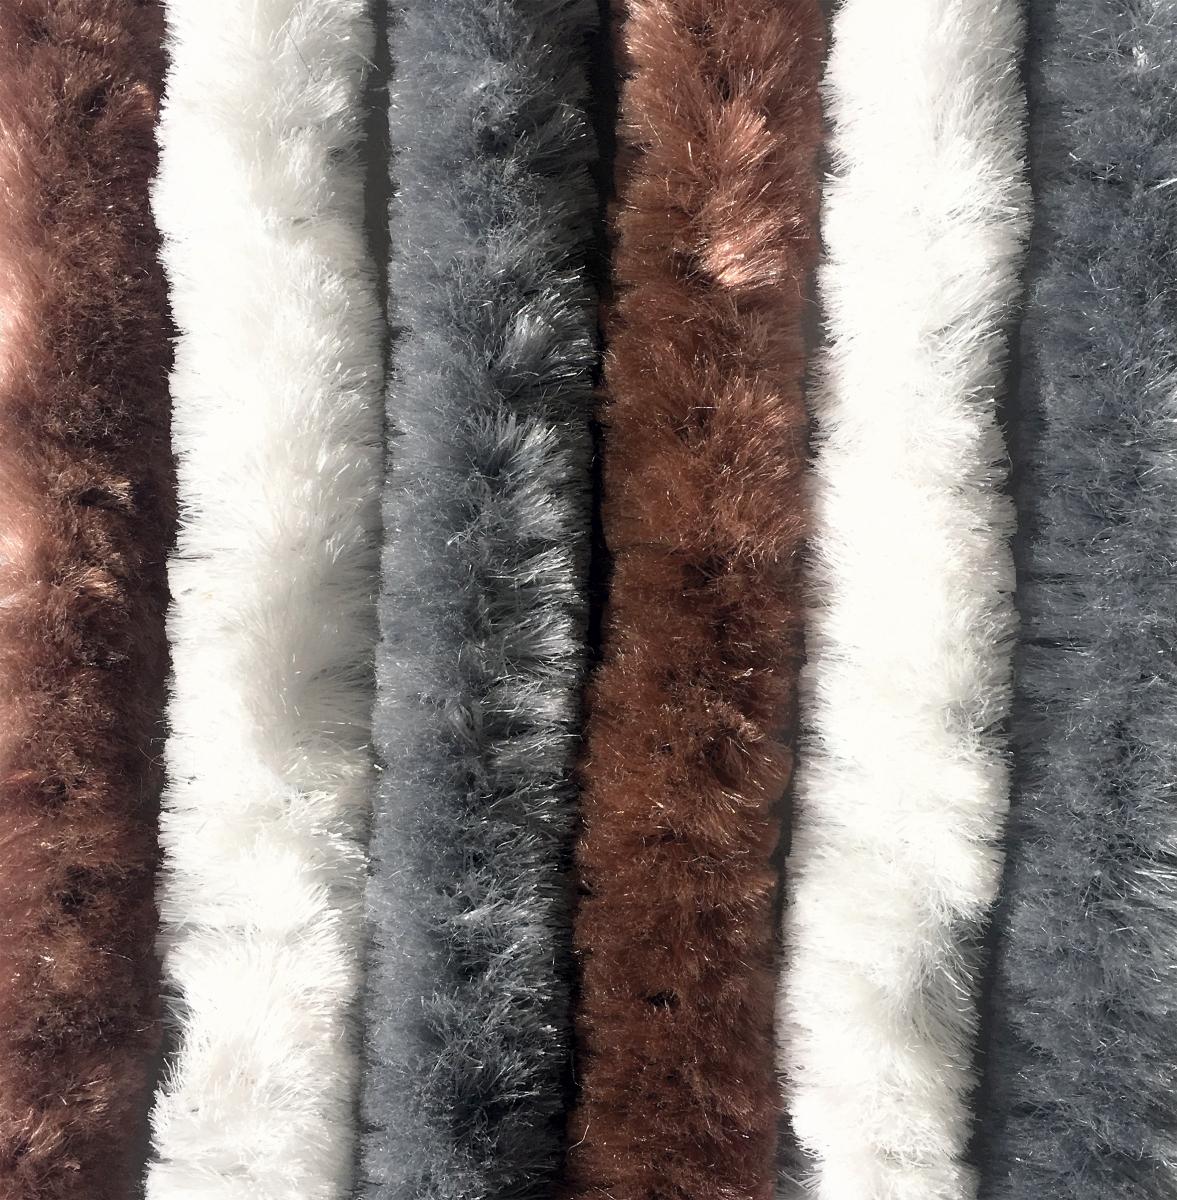 Chenille Flauschvorhang braun-weiß-grau 100x200cm